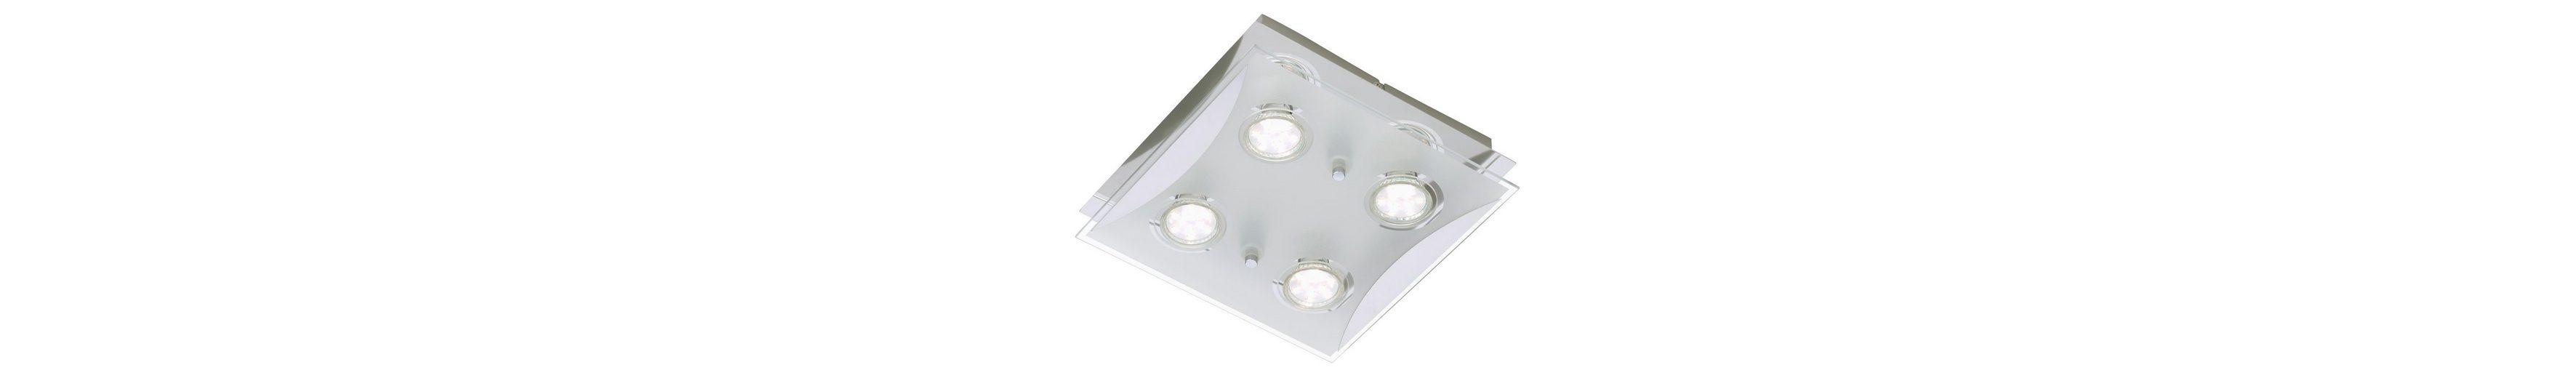 LED Deckenleuchte »Flash«, 3W